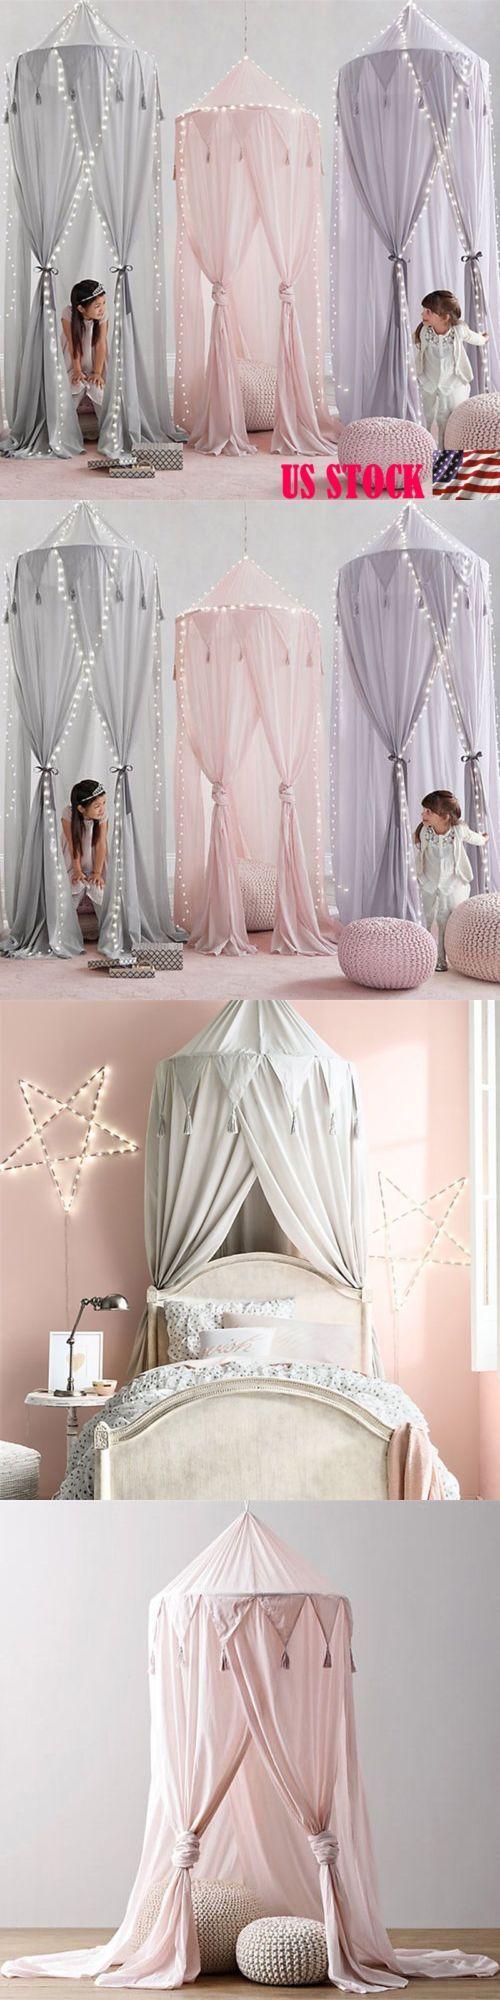 Vordächer und Netting 48090: Prinzessin Baby Moskitonetz Bett Kinder Baldachin Bettdecke …, #Baby # …   – Blog